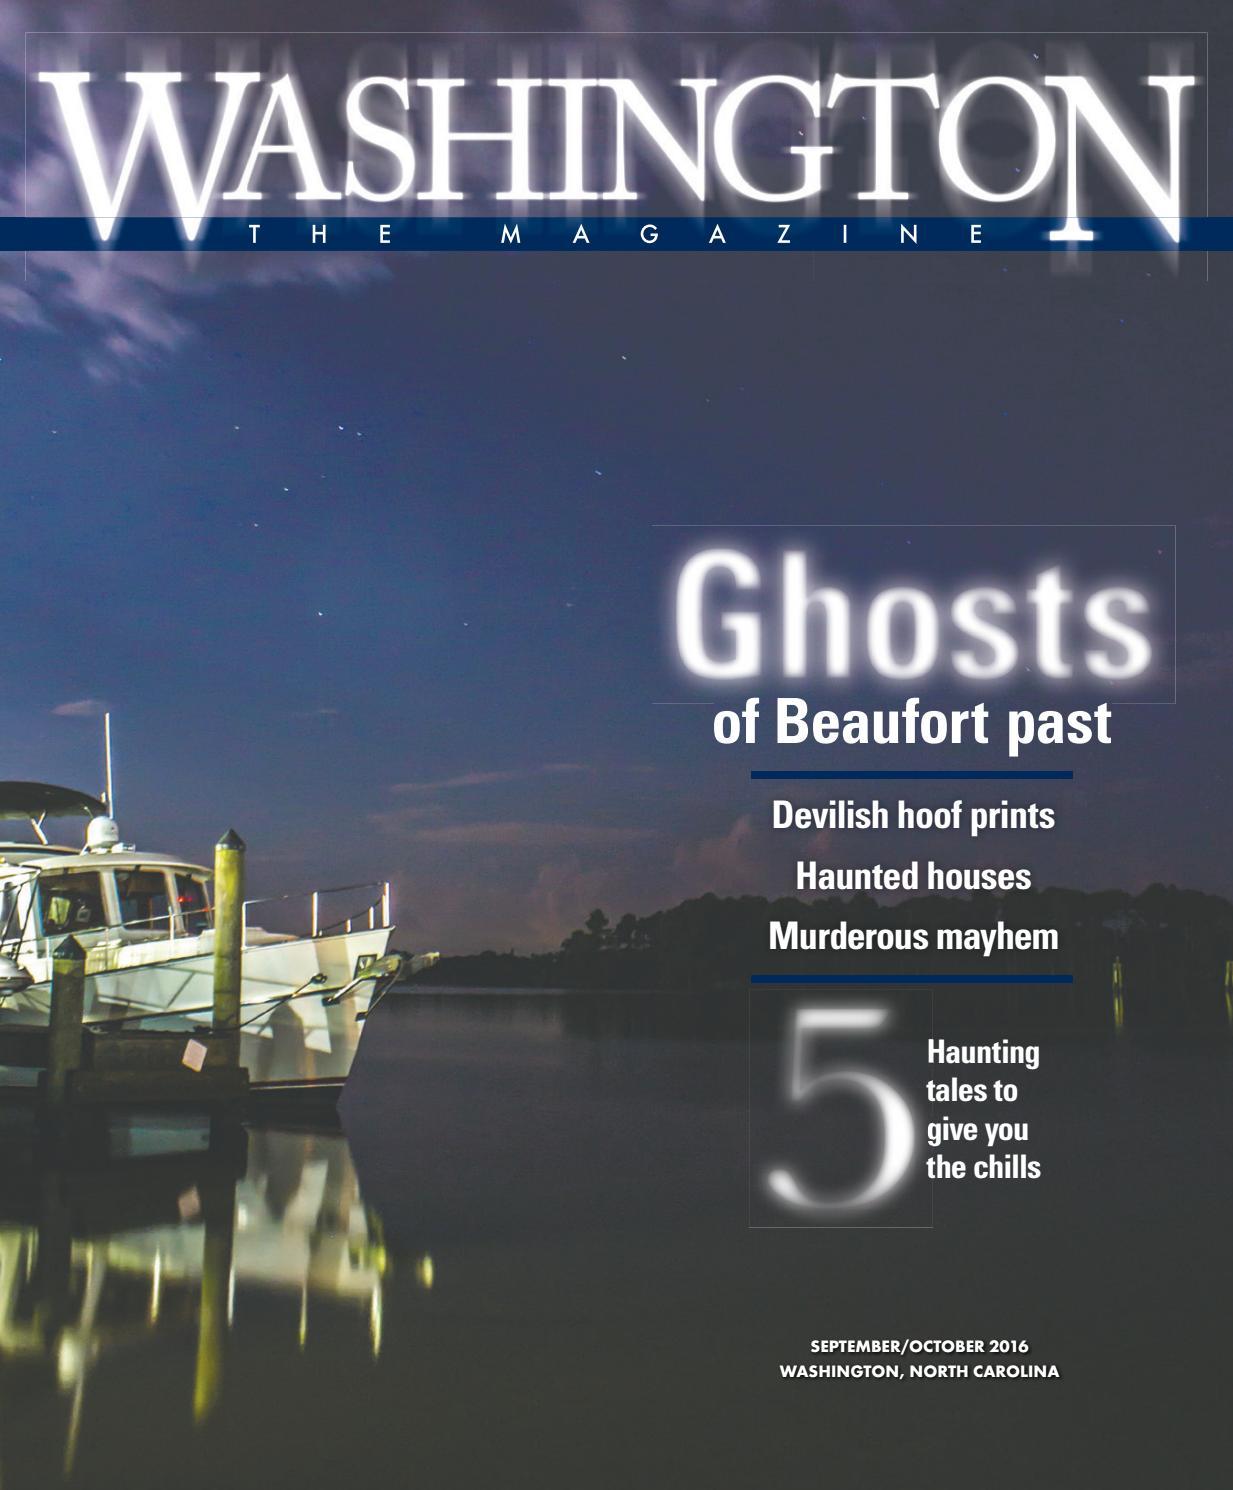 Washington the Magazine Sept-Oct 2016 by Washington Daily News - issuu